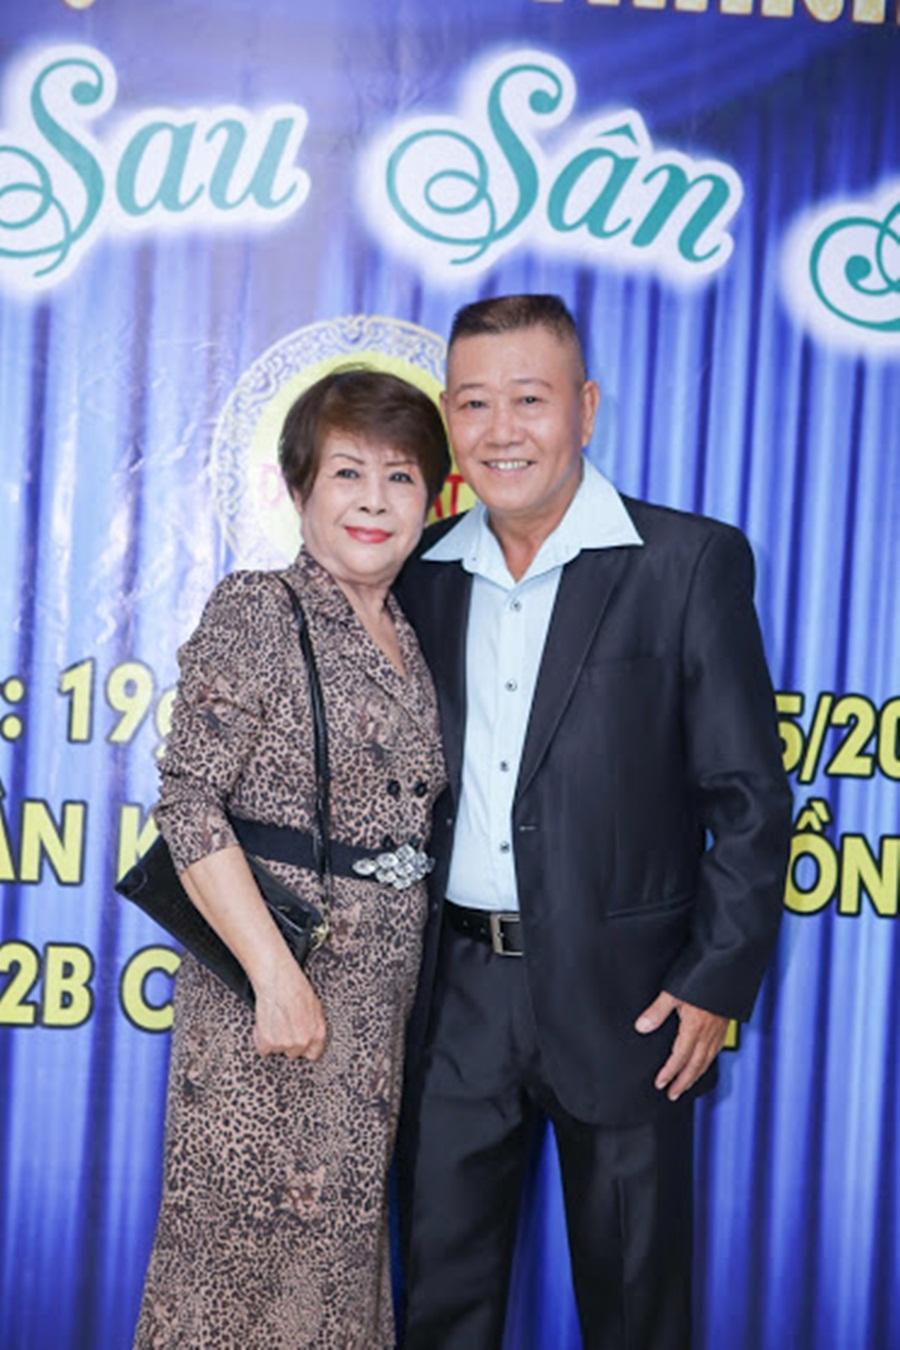 Bỏ vợ 4 năm theo tình nhân và có con riêng, danh hài Vũ Thanh quay về xin tha thứ và cái kết bất ngờ-3